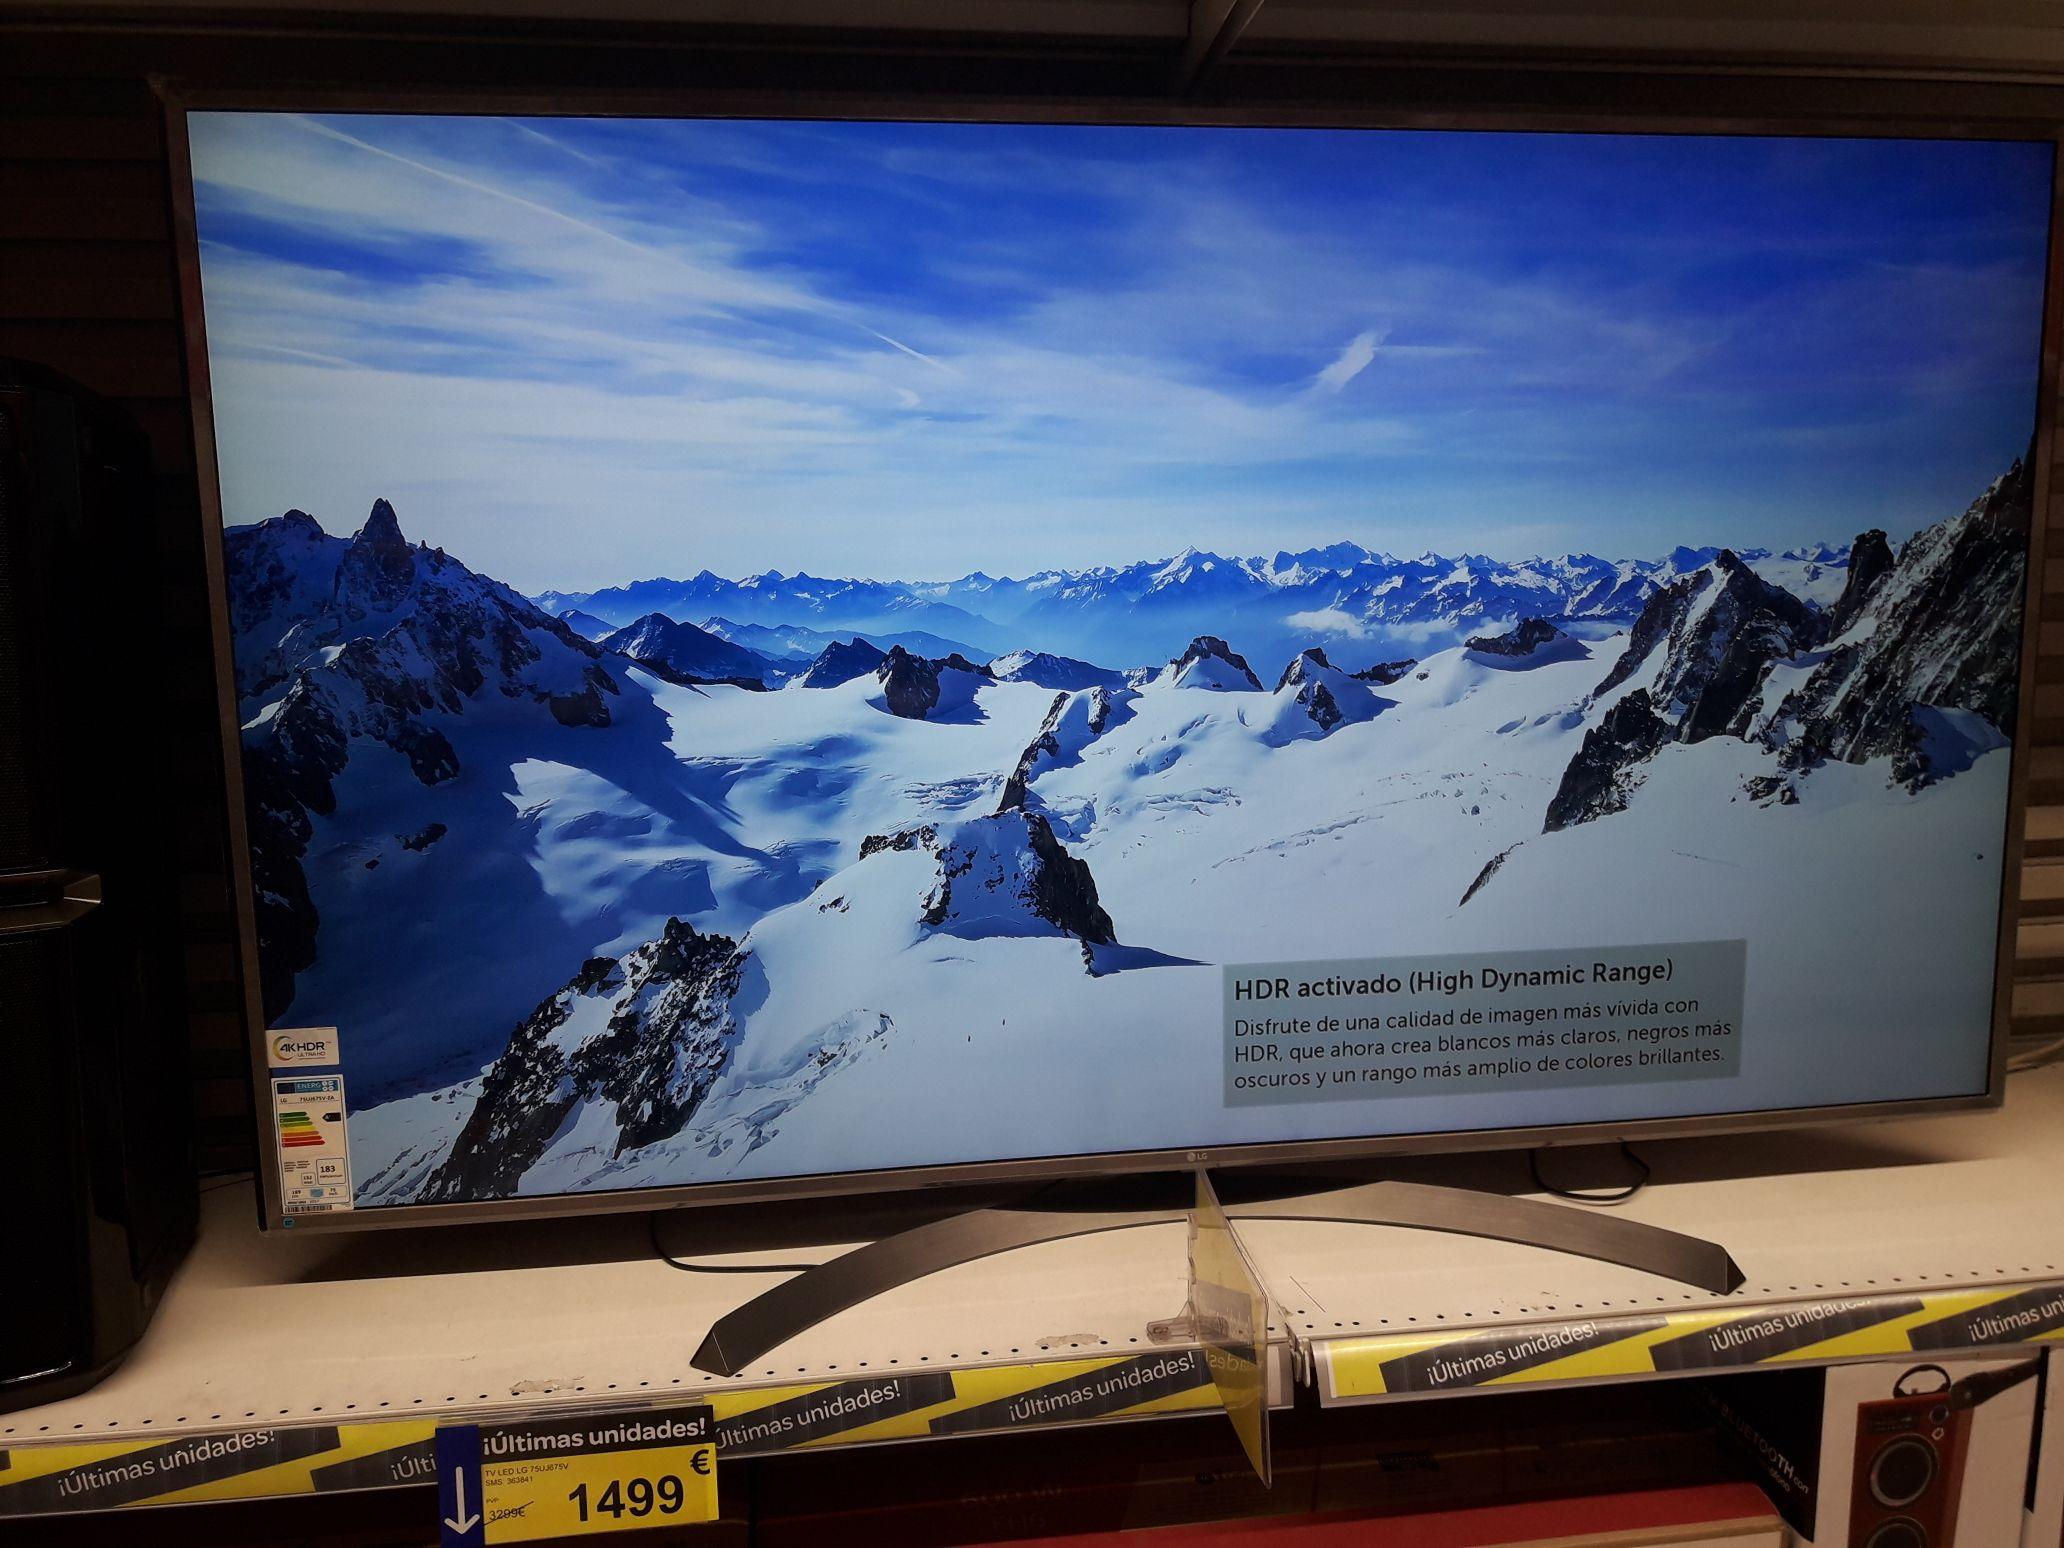 Television 4k 75 pulgadas. Ultima unidad en carrefour hortaleza